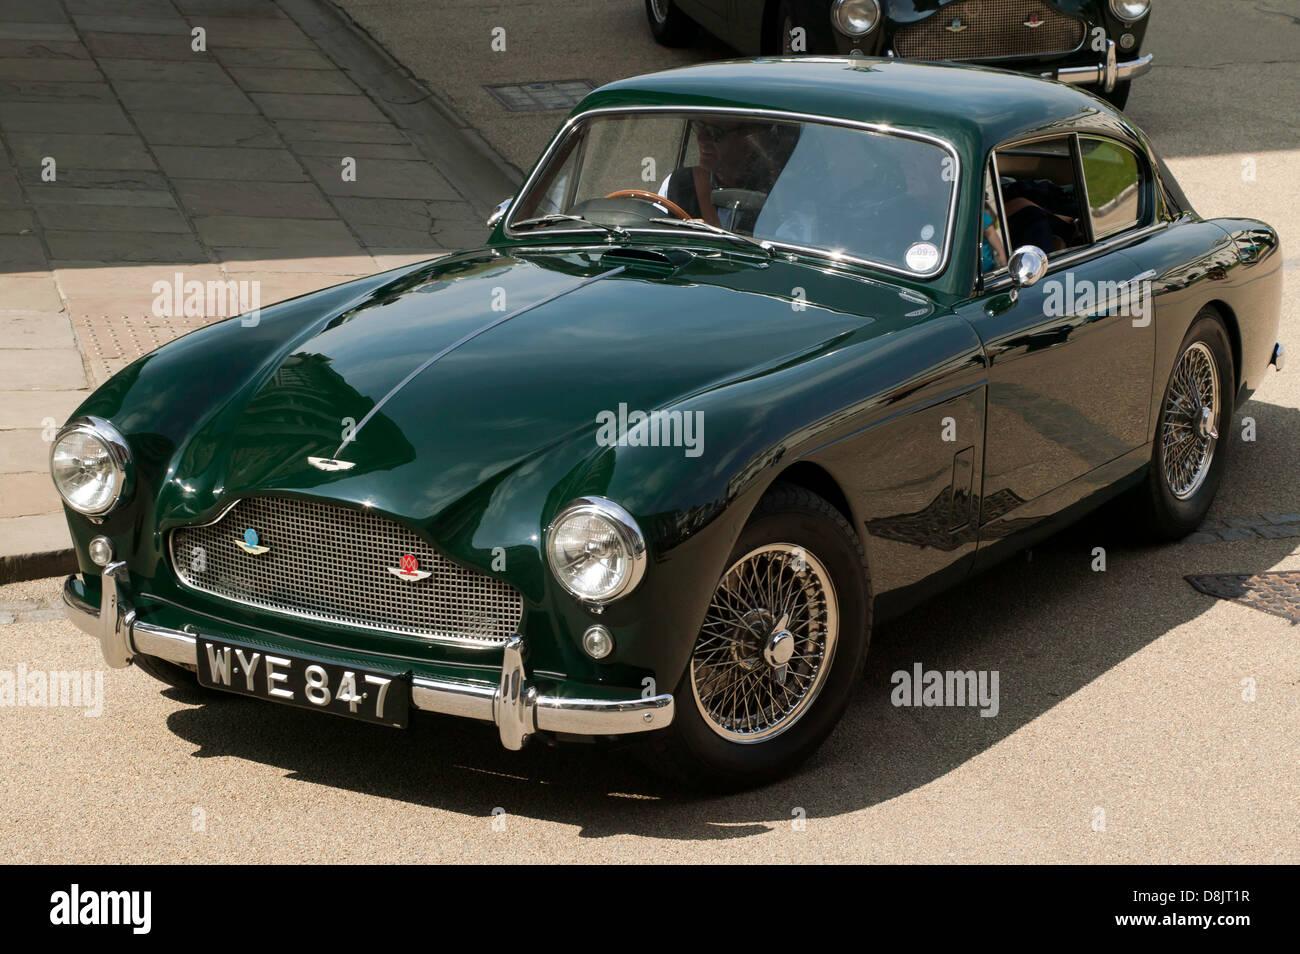 Ein Wunderschönes Beispiel Für Einen Klassiker Von 1959 Green Aston Martin Db3 Im Old Royal Naval College In Greenwich Stockfotografie Alamy